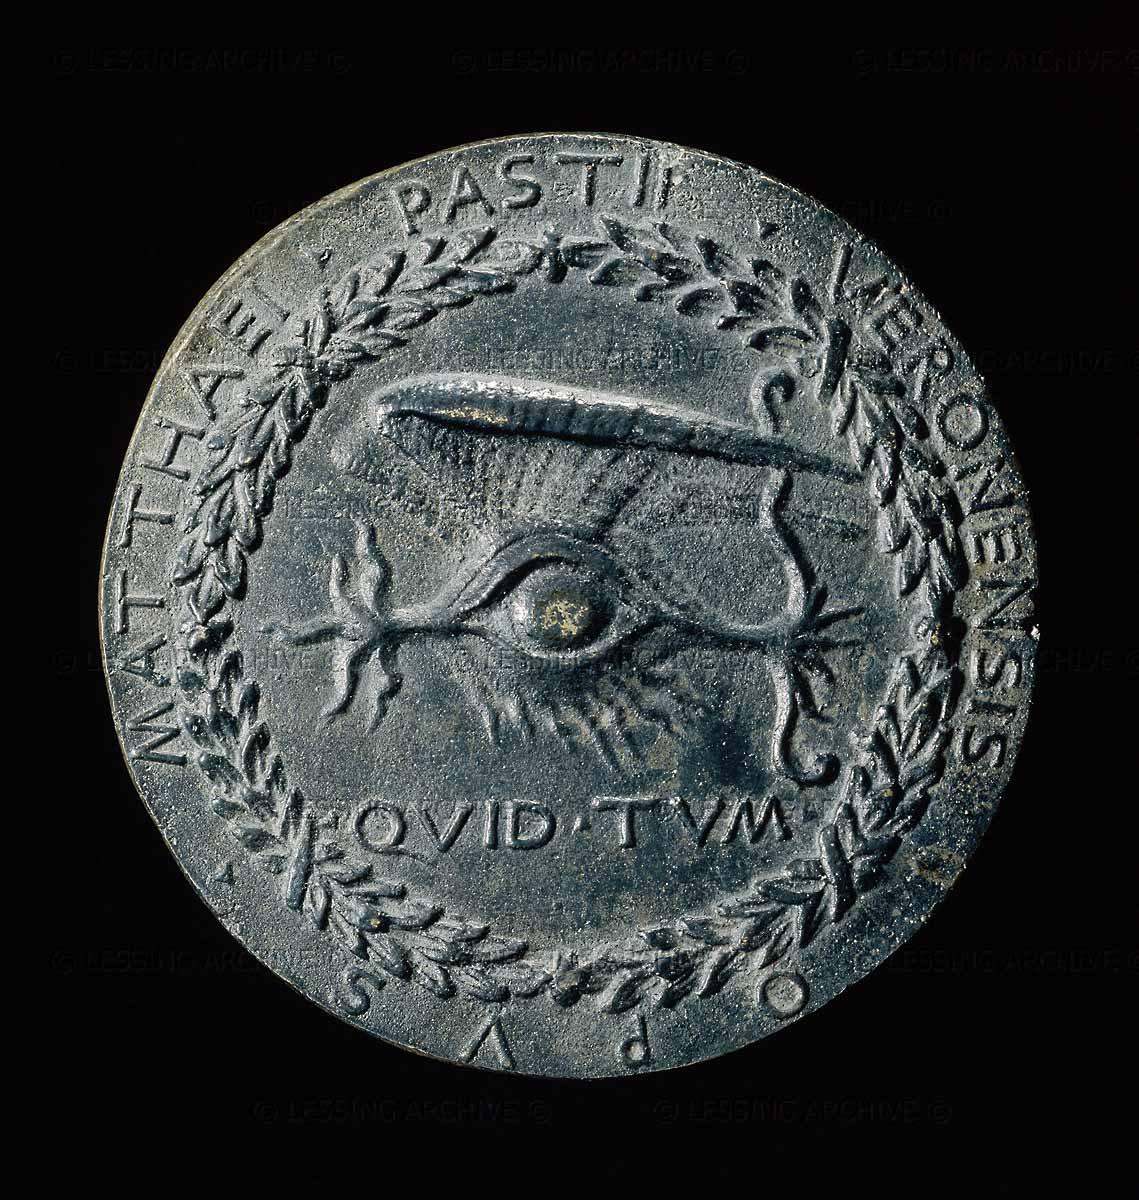 Matteo de' Pasti - Quid Tum (ca.1450, British Museum)